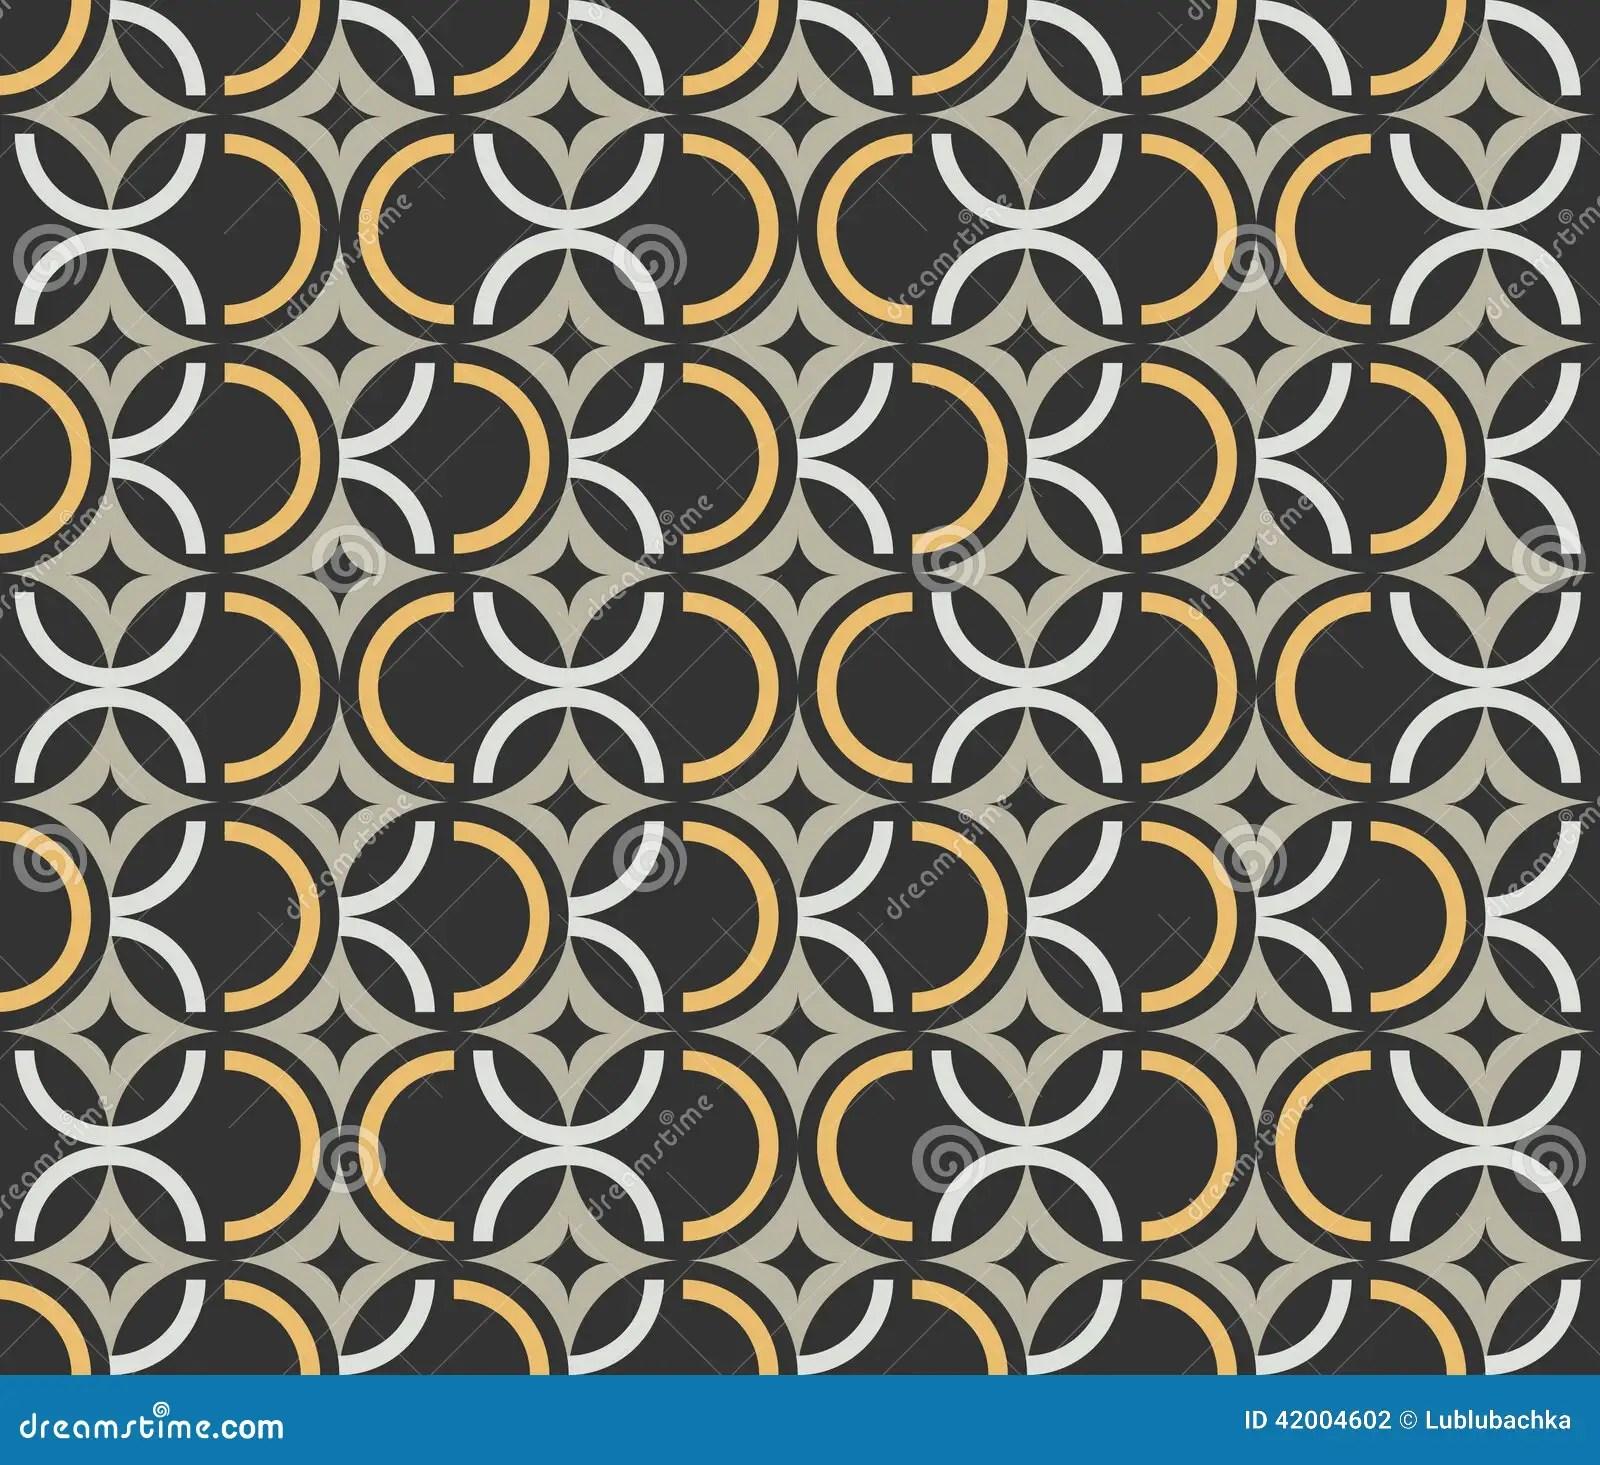 Carta da parati moderna inspired by art nouveau è un'interessante decorazione murale presente nel nostro negozio. Art Deco Seamless Vintage Wallpaper Pattern Stock Vector Illustration Of Gatsby Artistic 42004602